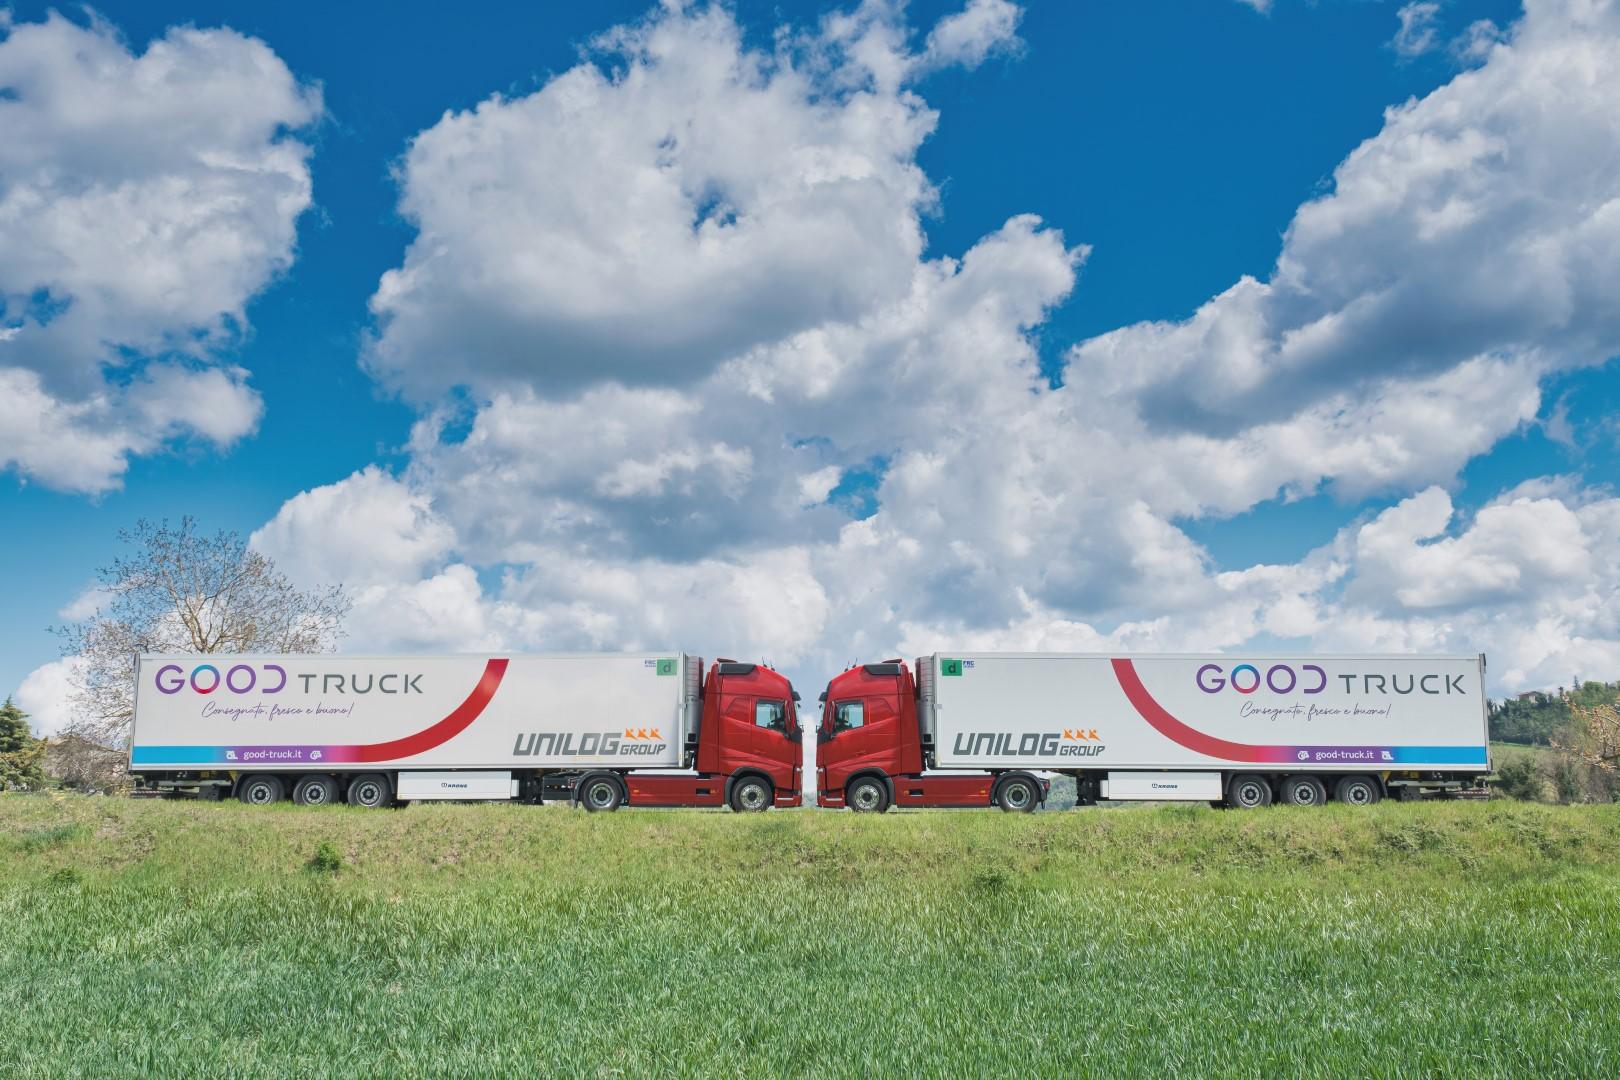 Good Truck: nasce la nuova compagnia di trasporto alimentare dalla fusione tra CTA e CTL